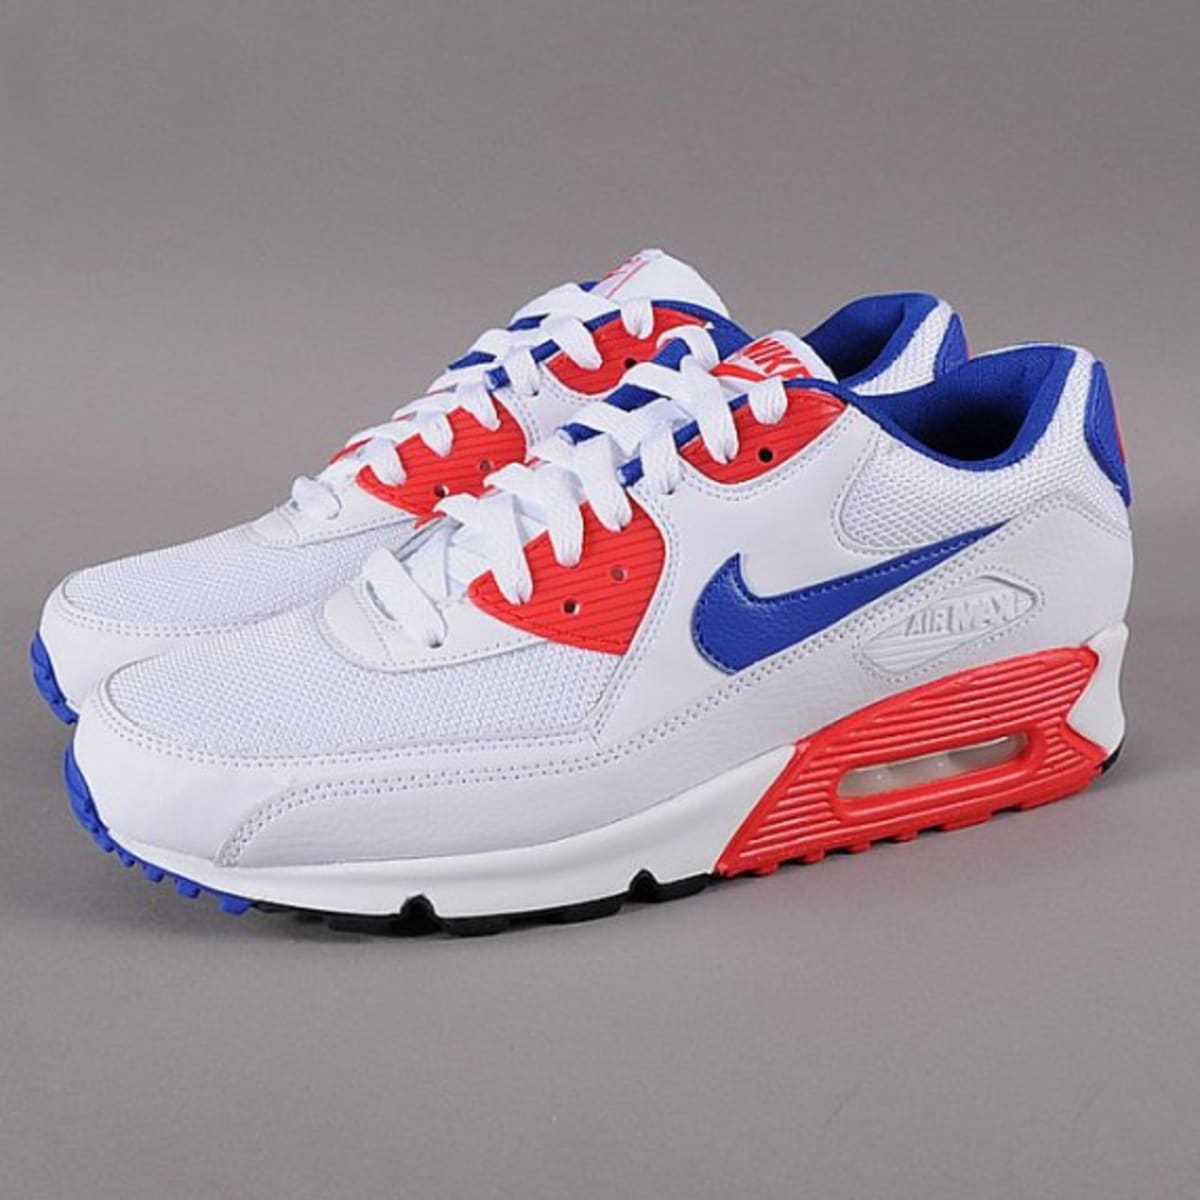 Nike Air Max 90 Essential White Hyper Blue Red